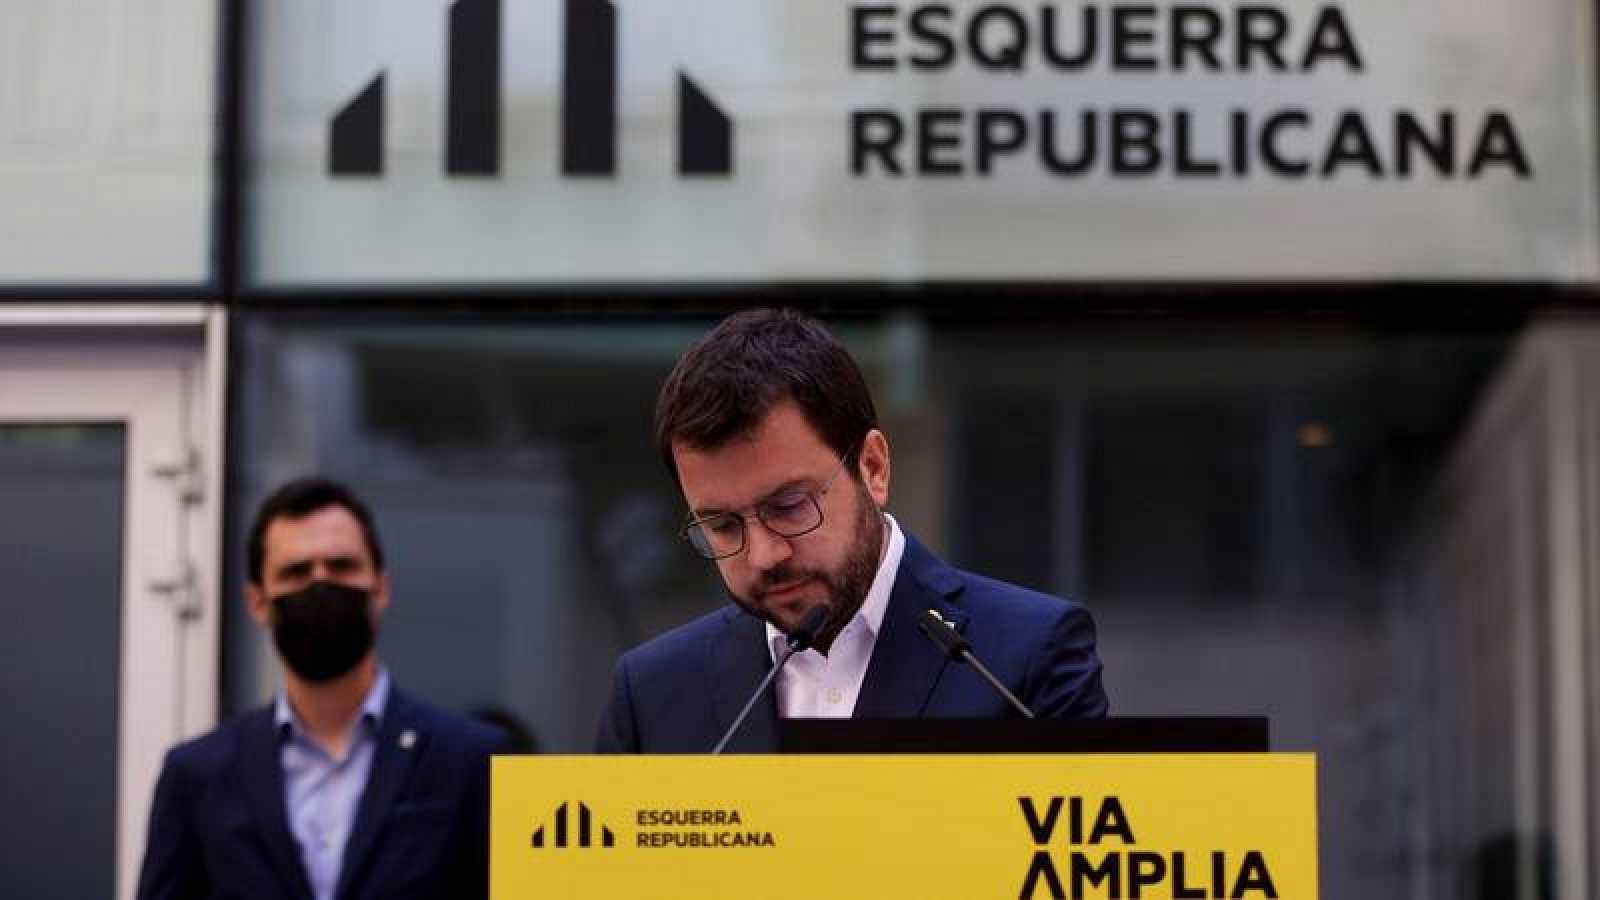 El candidato de ERC a la presidencia de la Generalitat, Pere Aragonès